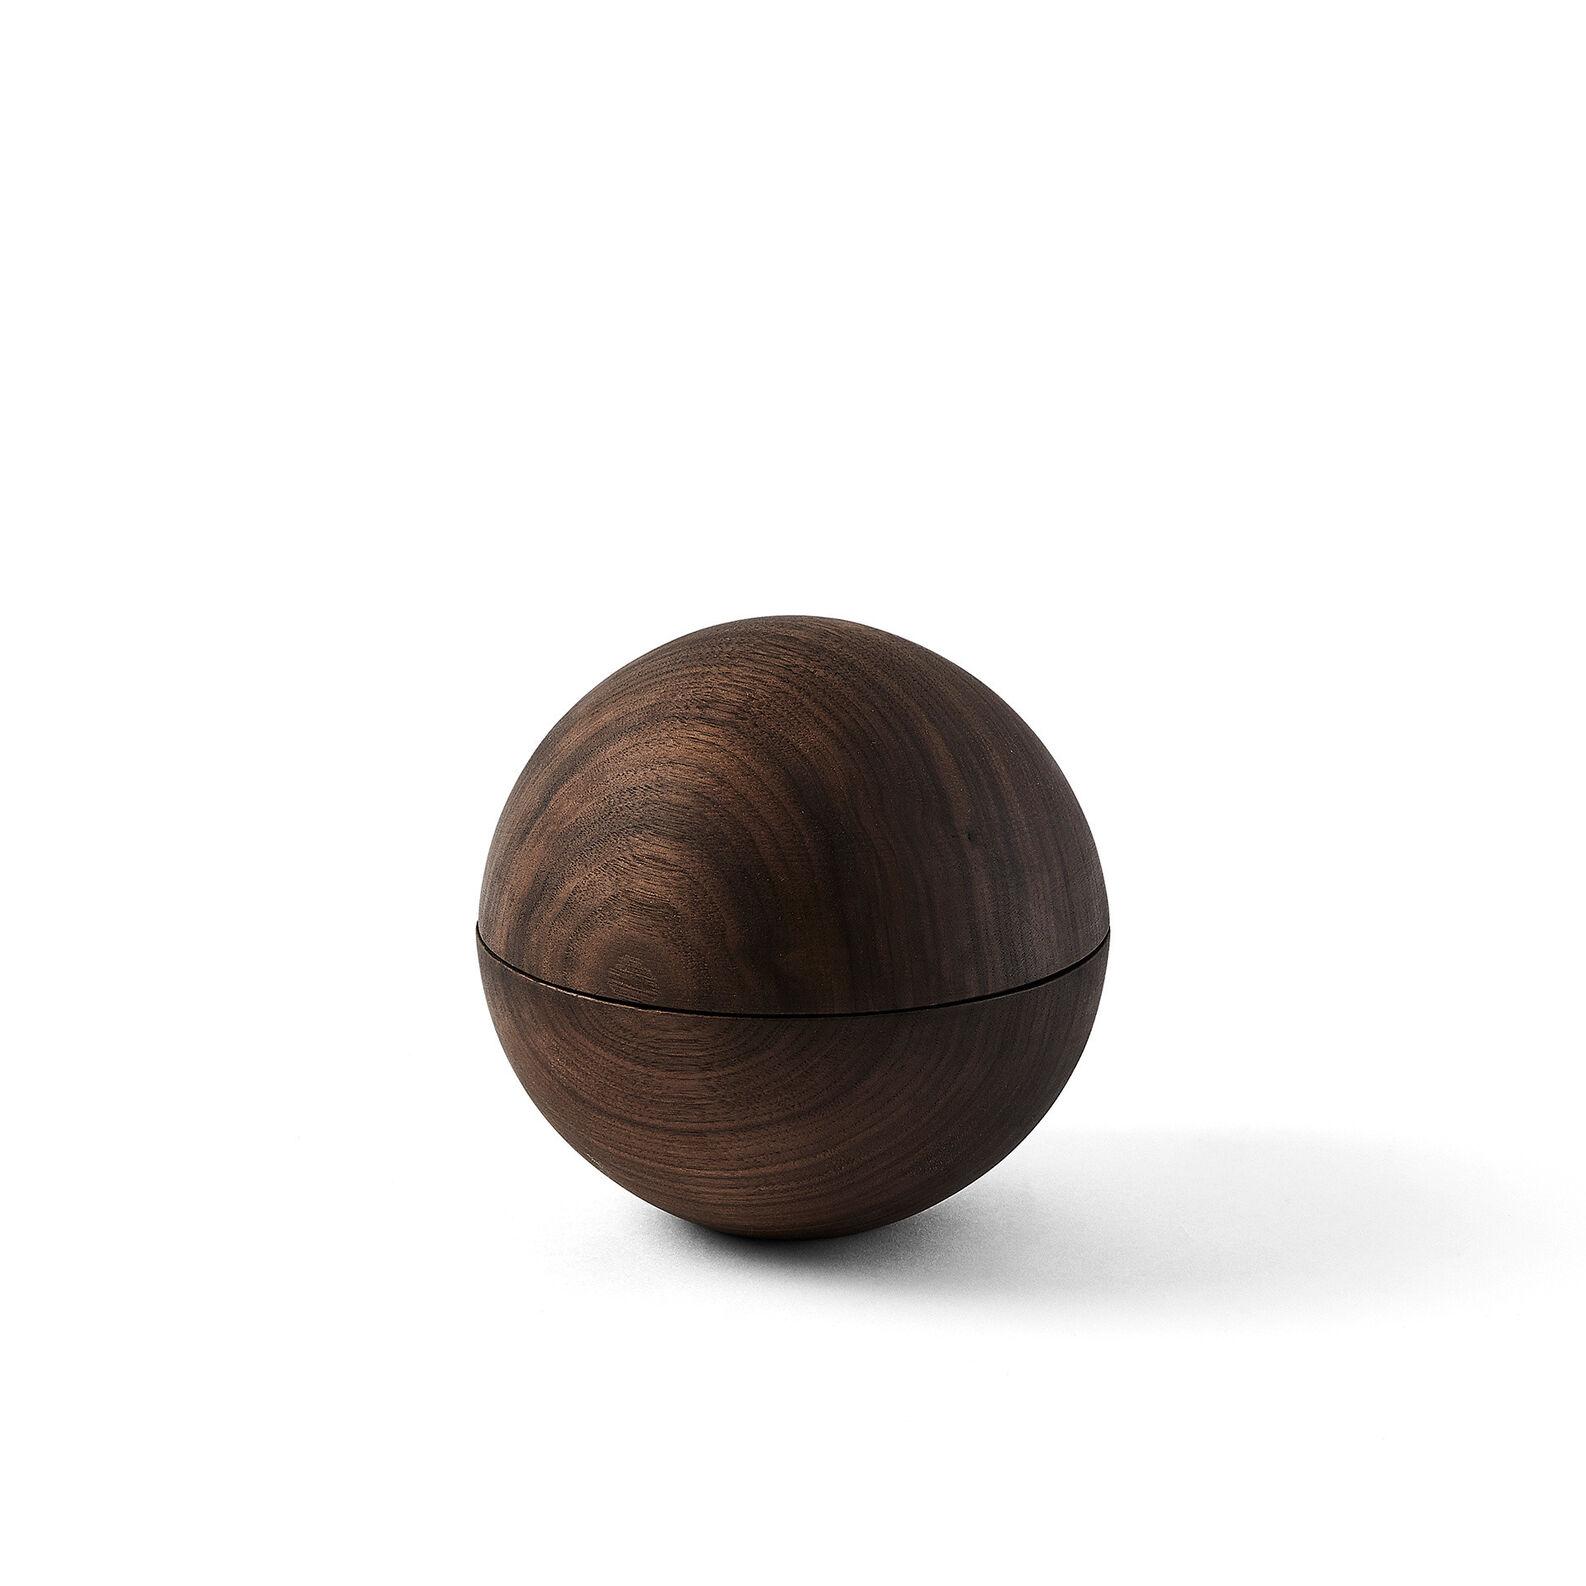 Contenitore in legno di noce by Agustina Bottoni